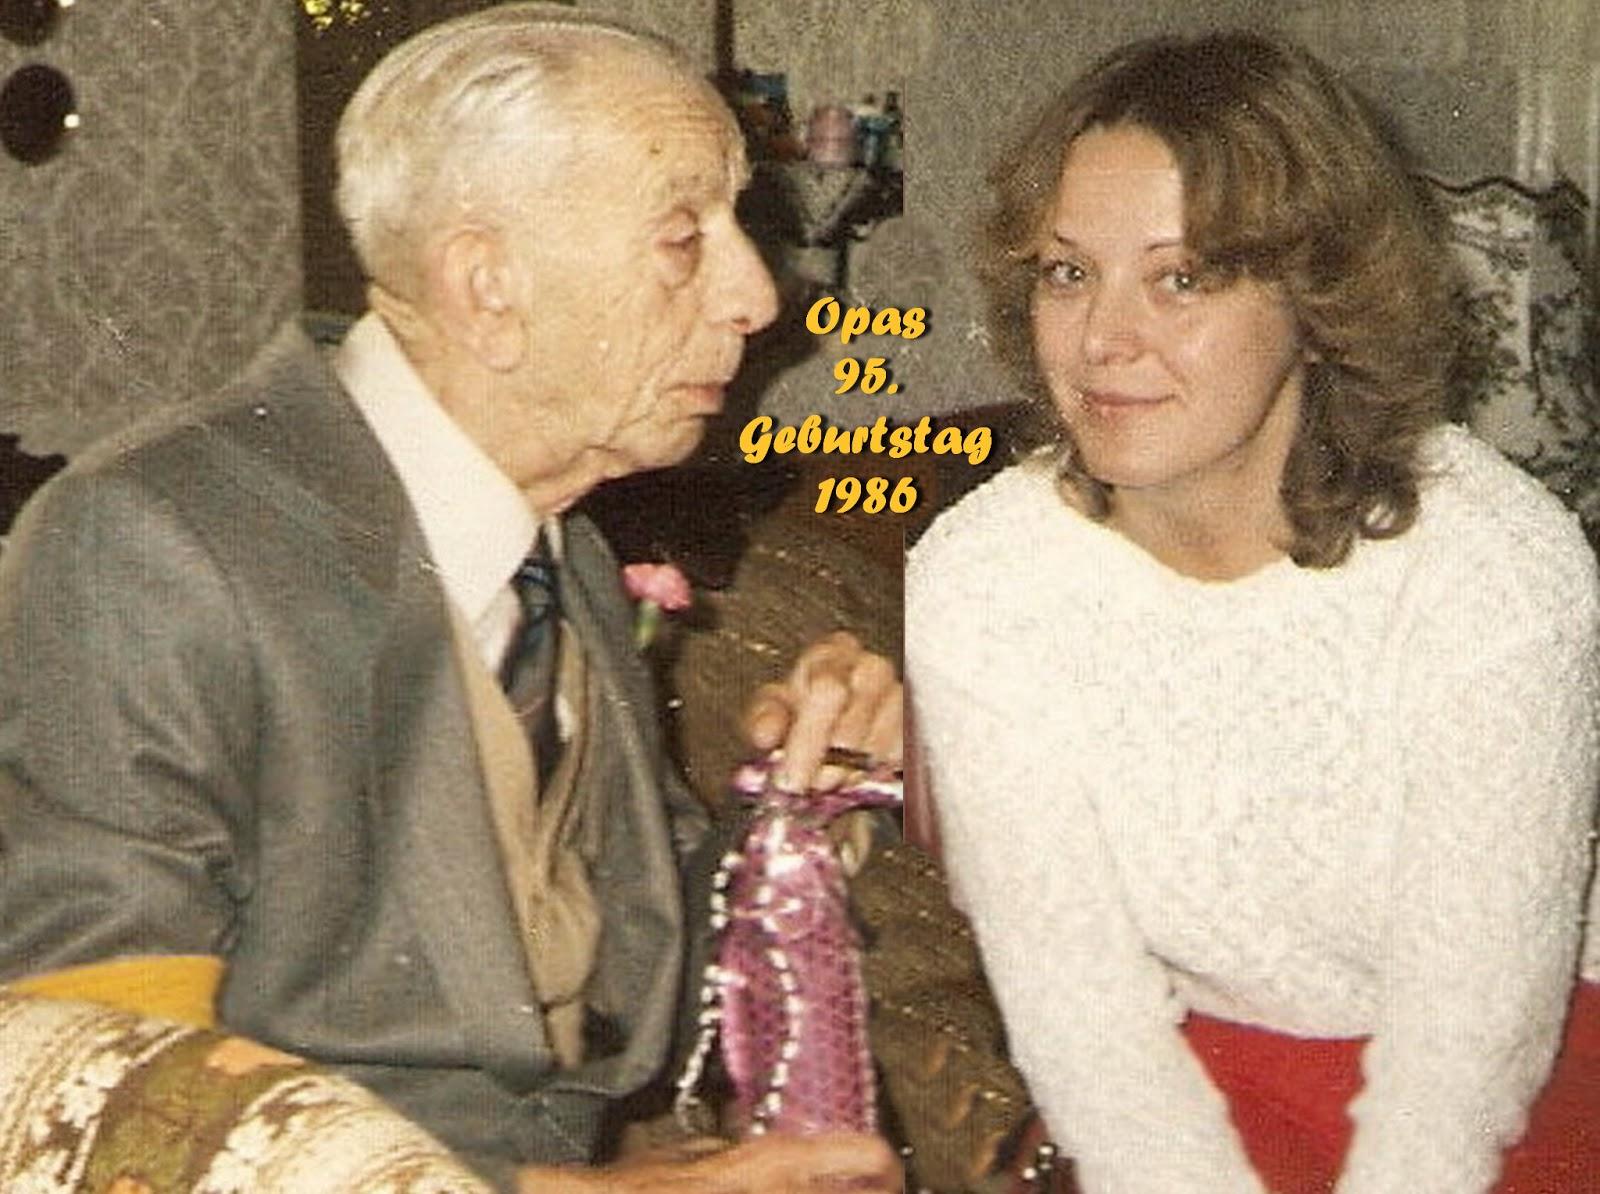 Geburtstag Kinder-Malvorlagen  - Ausmalbilder Zum Geburtstag Für Opa